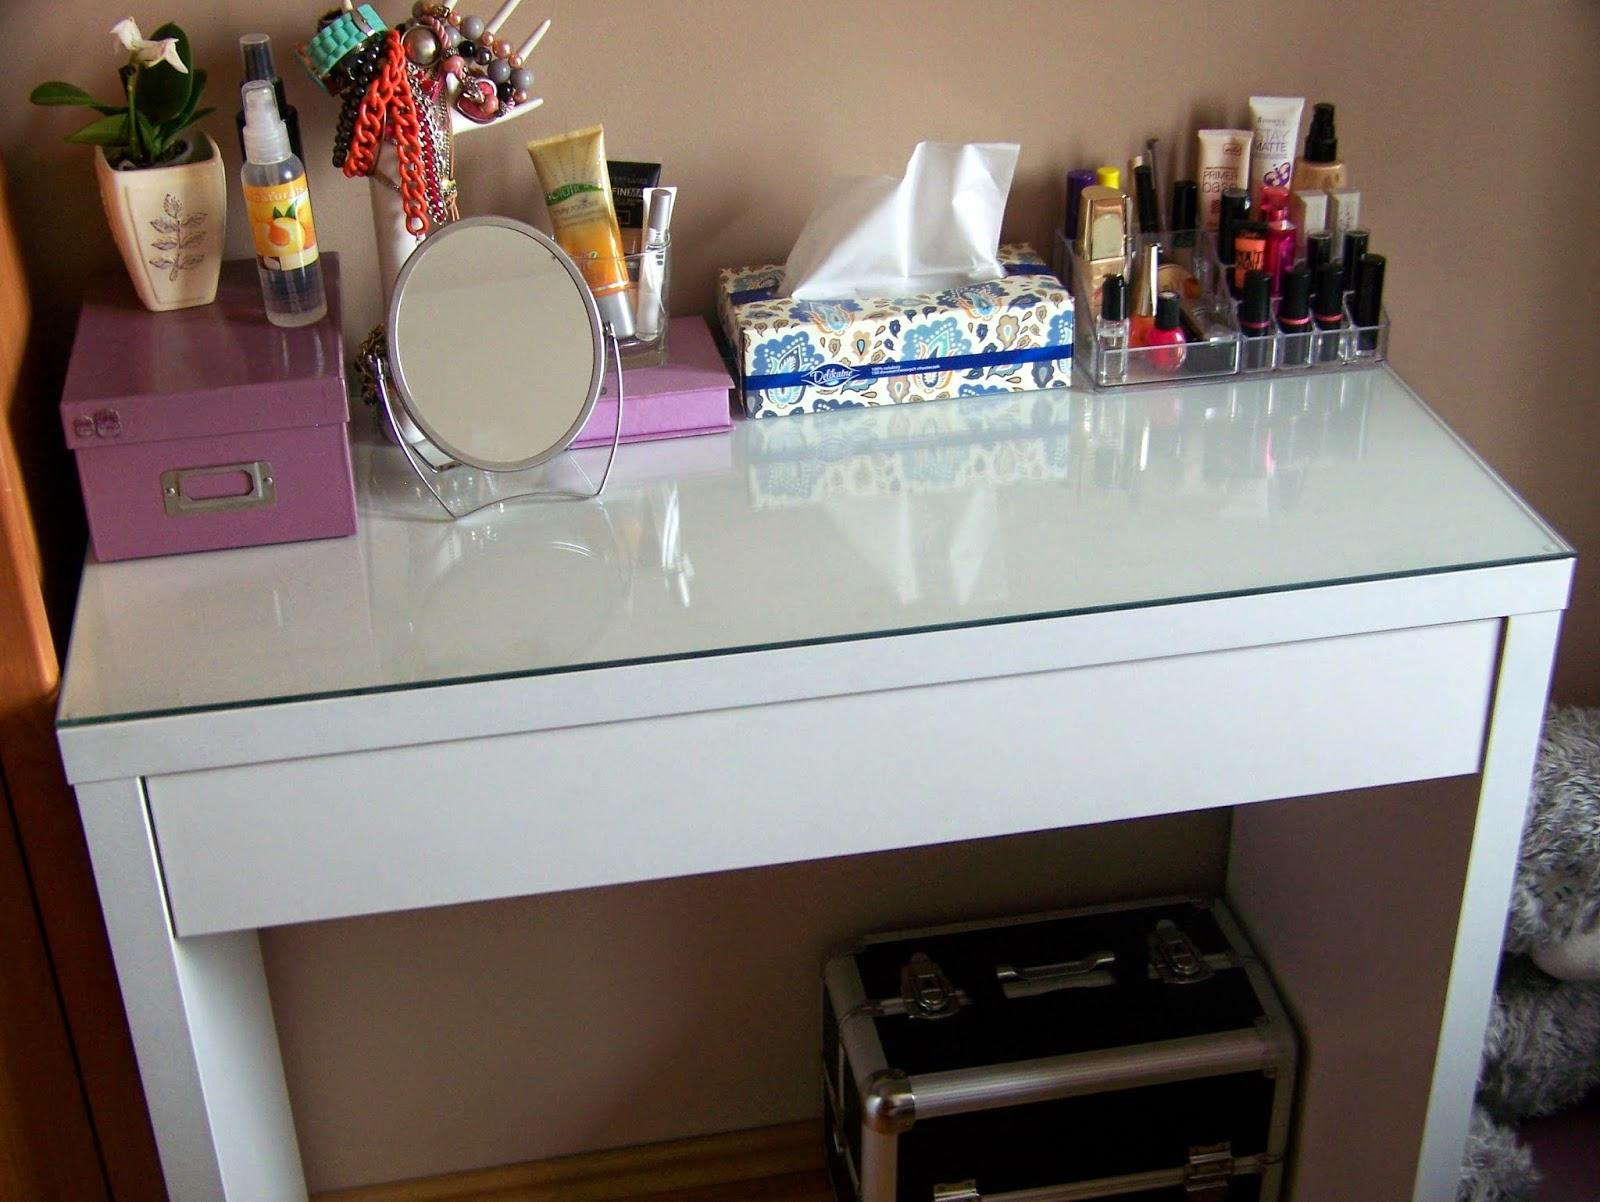 Moja toaletka, czyli organizacja kosmetyków